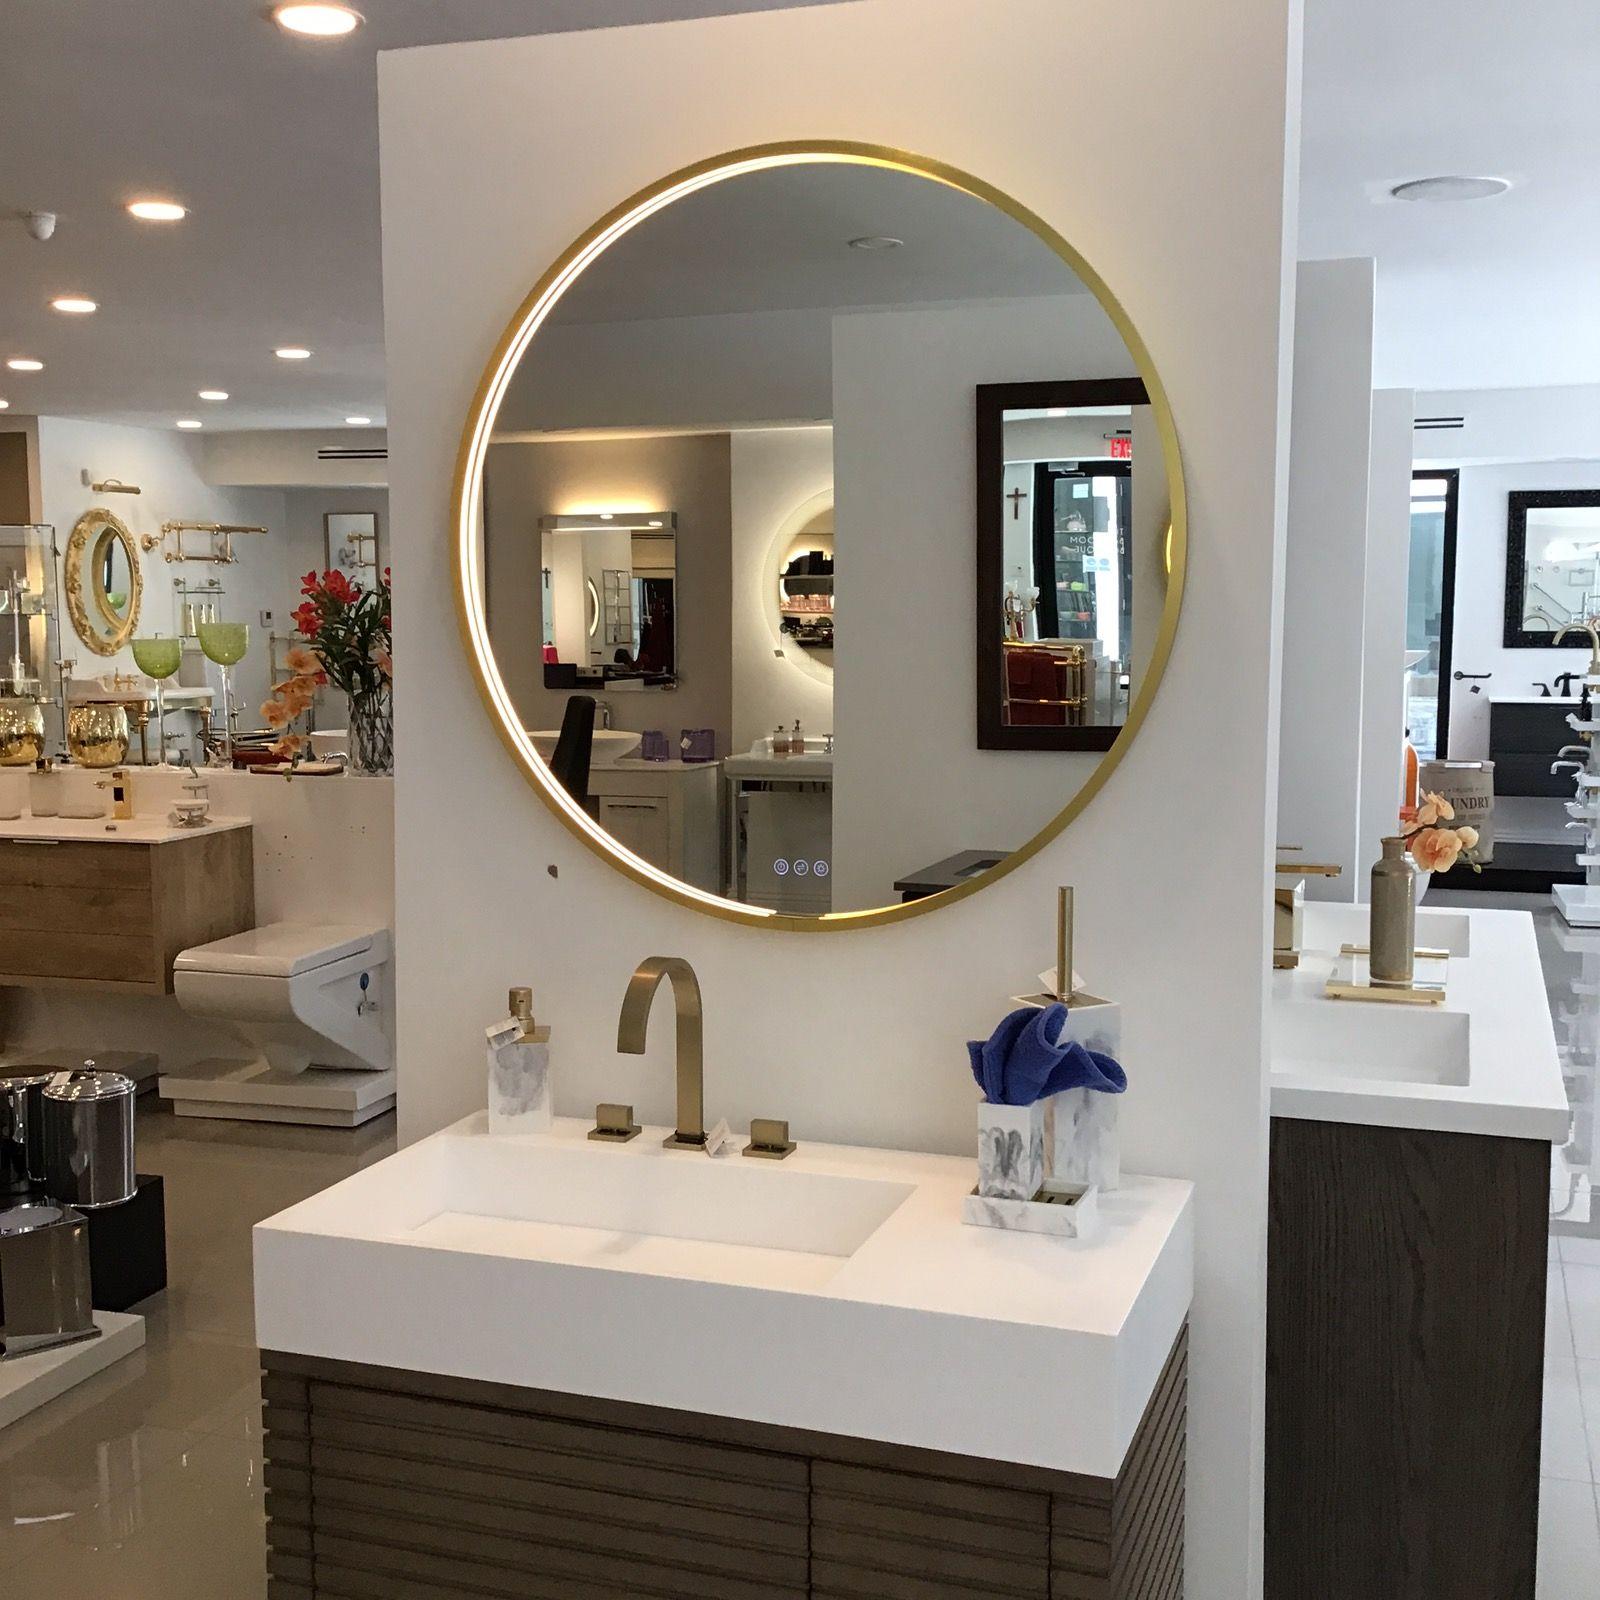 Frame Led Vanity Mirror 36 Brass Satin Brass Round Modern Wall Mount Mirror Mirror With Led Lights Round Mirror Bathroom [ 1600 x 1600 Pixel ]